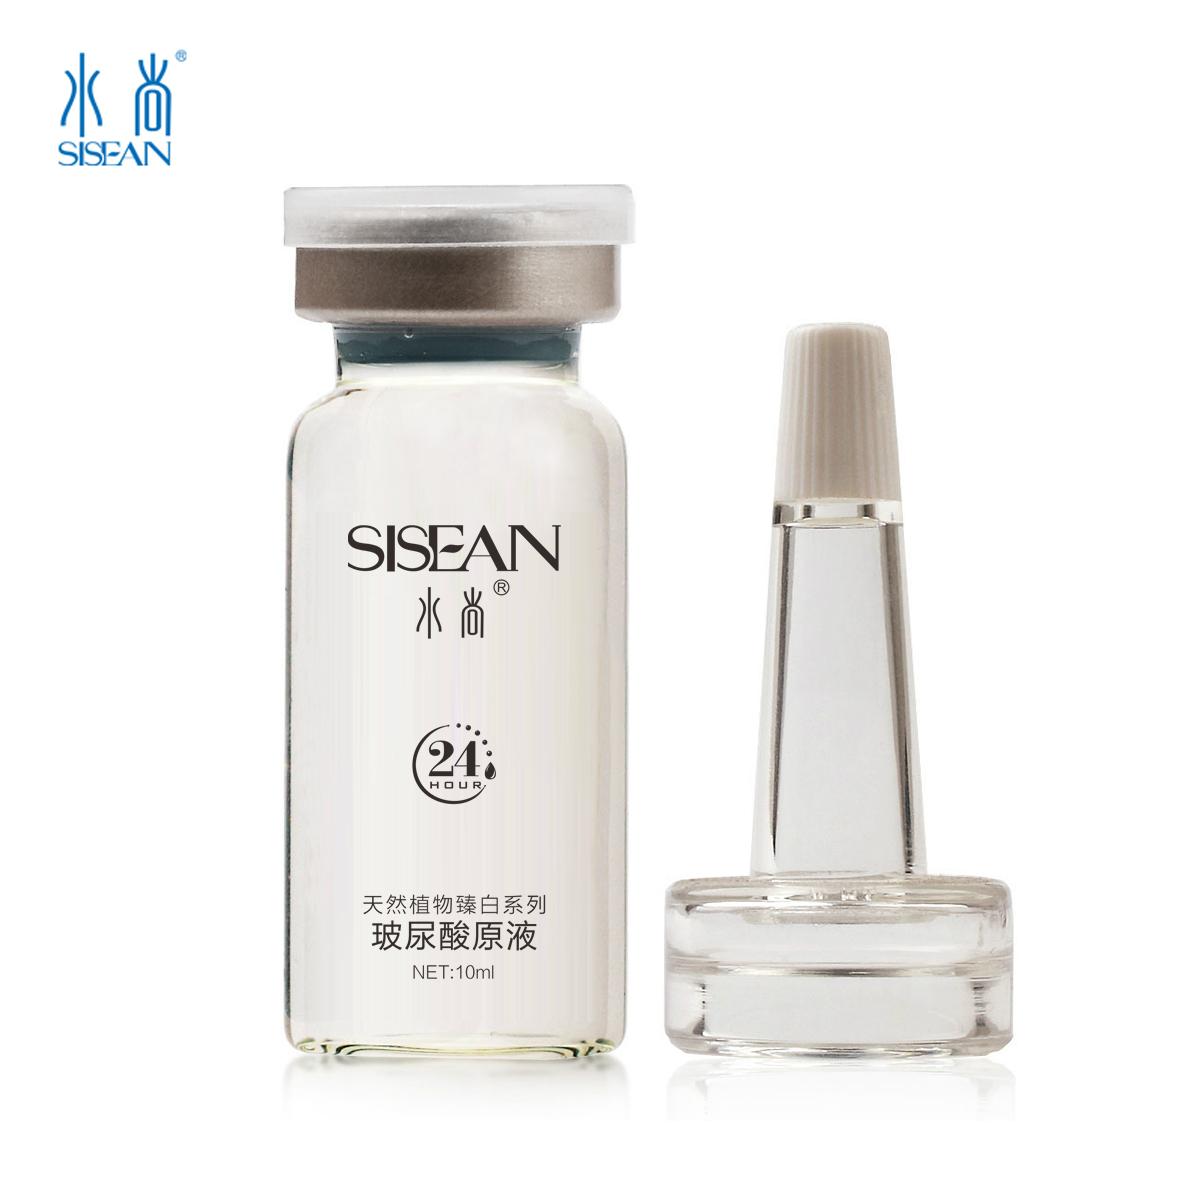 Free shipping Hyaluronic acid liquid ampoules bride fixer liquid essence moisturizing whitening moisturizing ha wholesaler(China (Mainland))